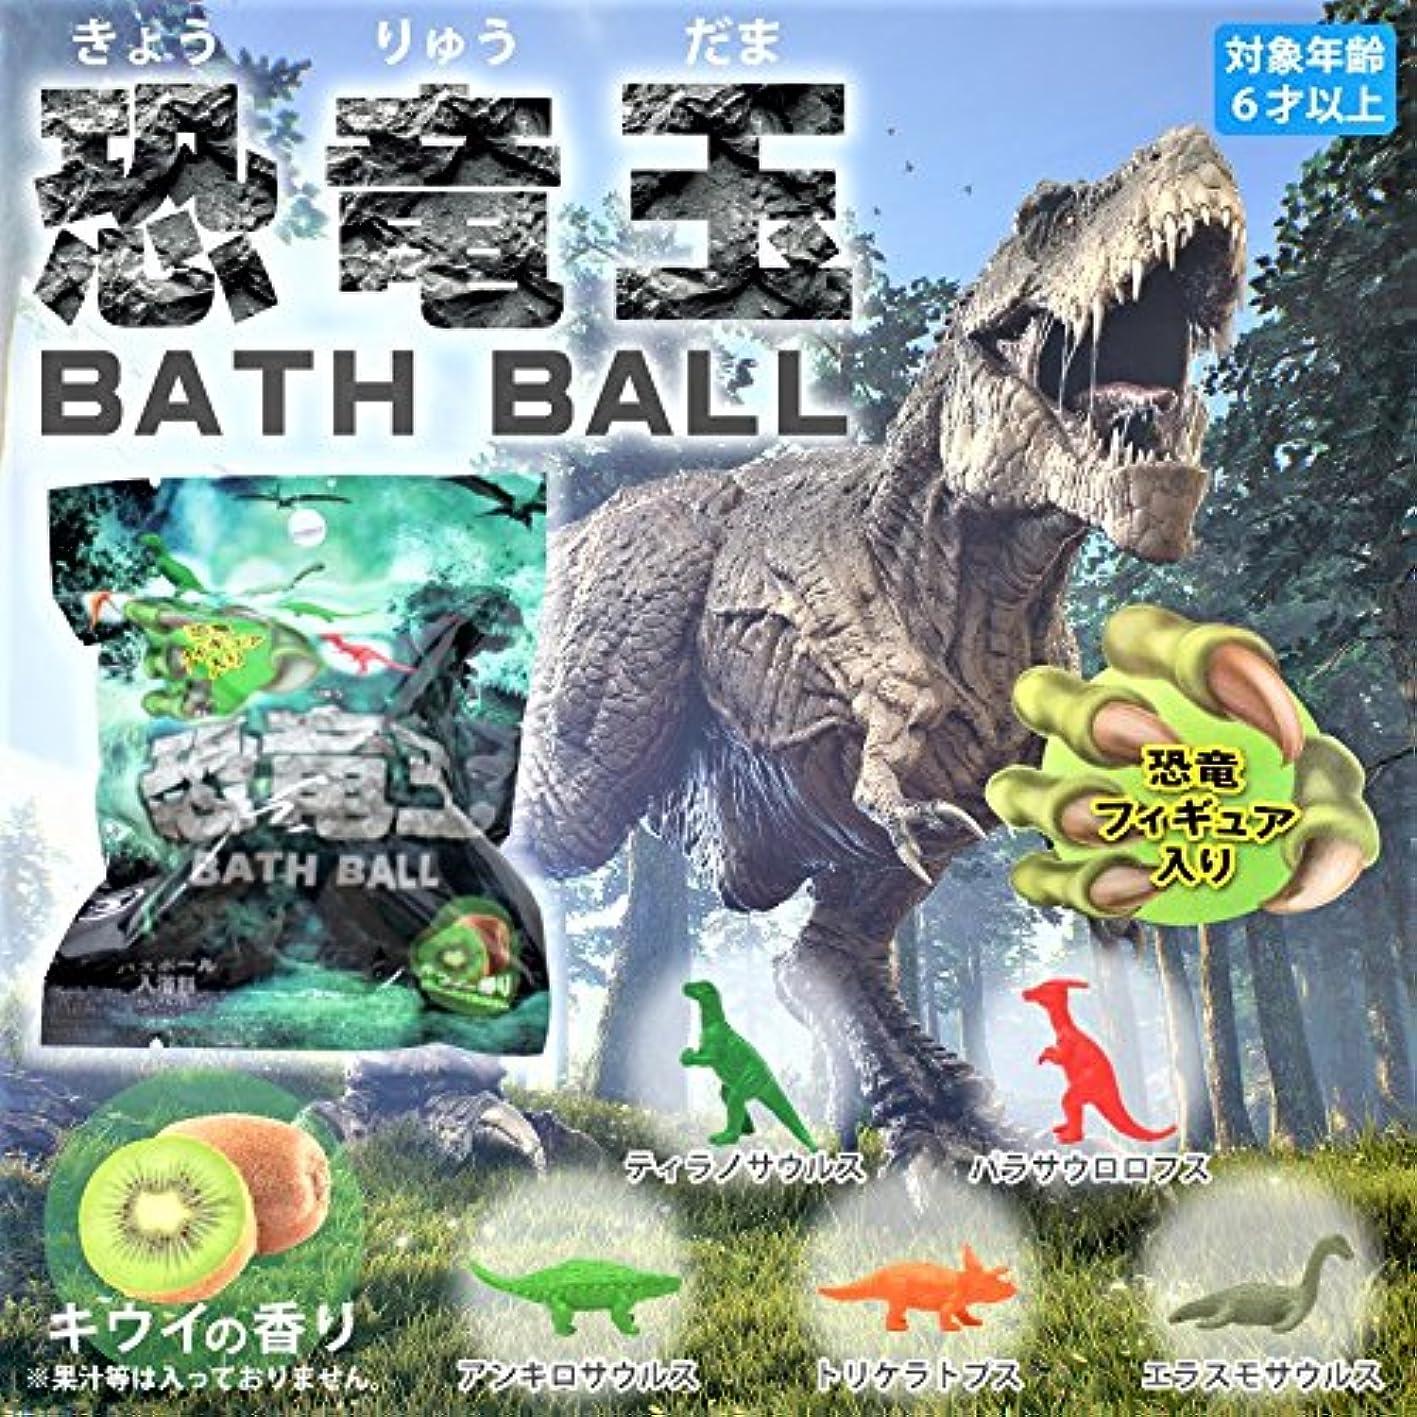 本証言する民主党恐竜玉バスボール 6個1セット キウイの香り 恐竜フィギュア入りバスボール 入浴剤